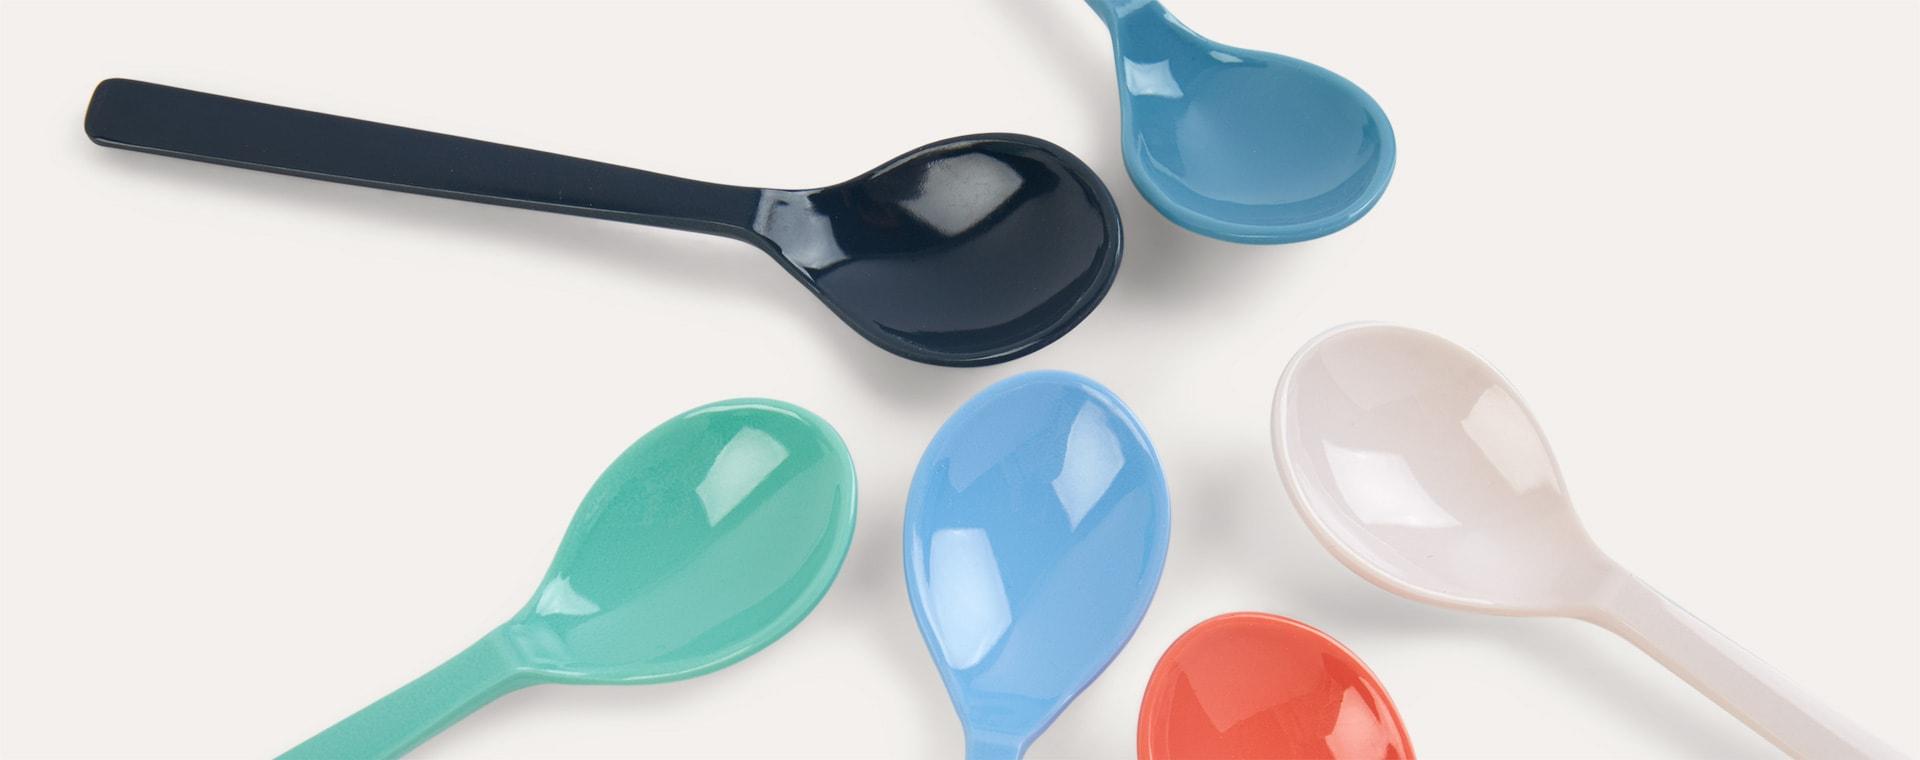 Spoons Rice Melamine Cutlery 6 Pack